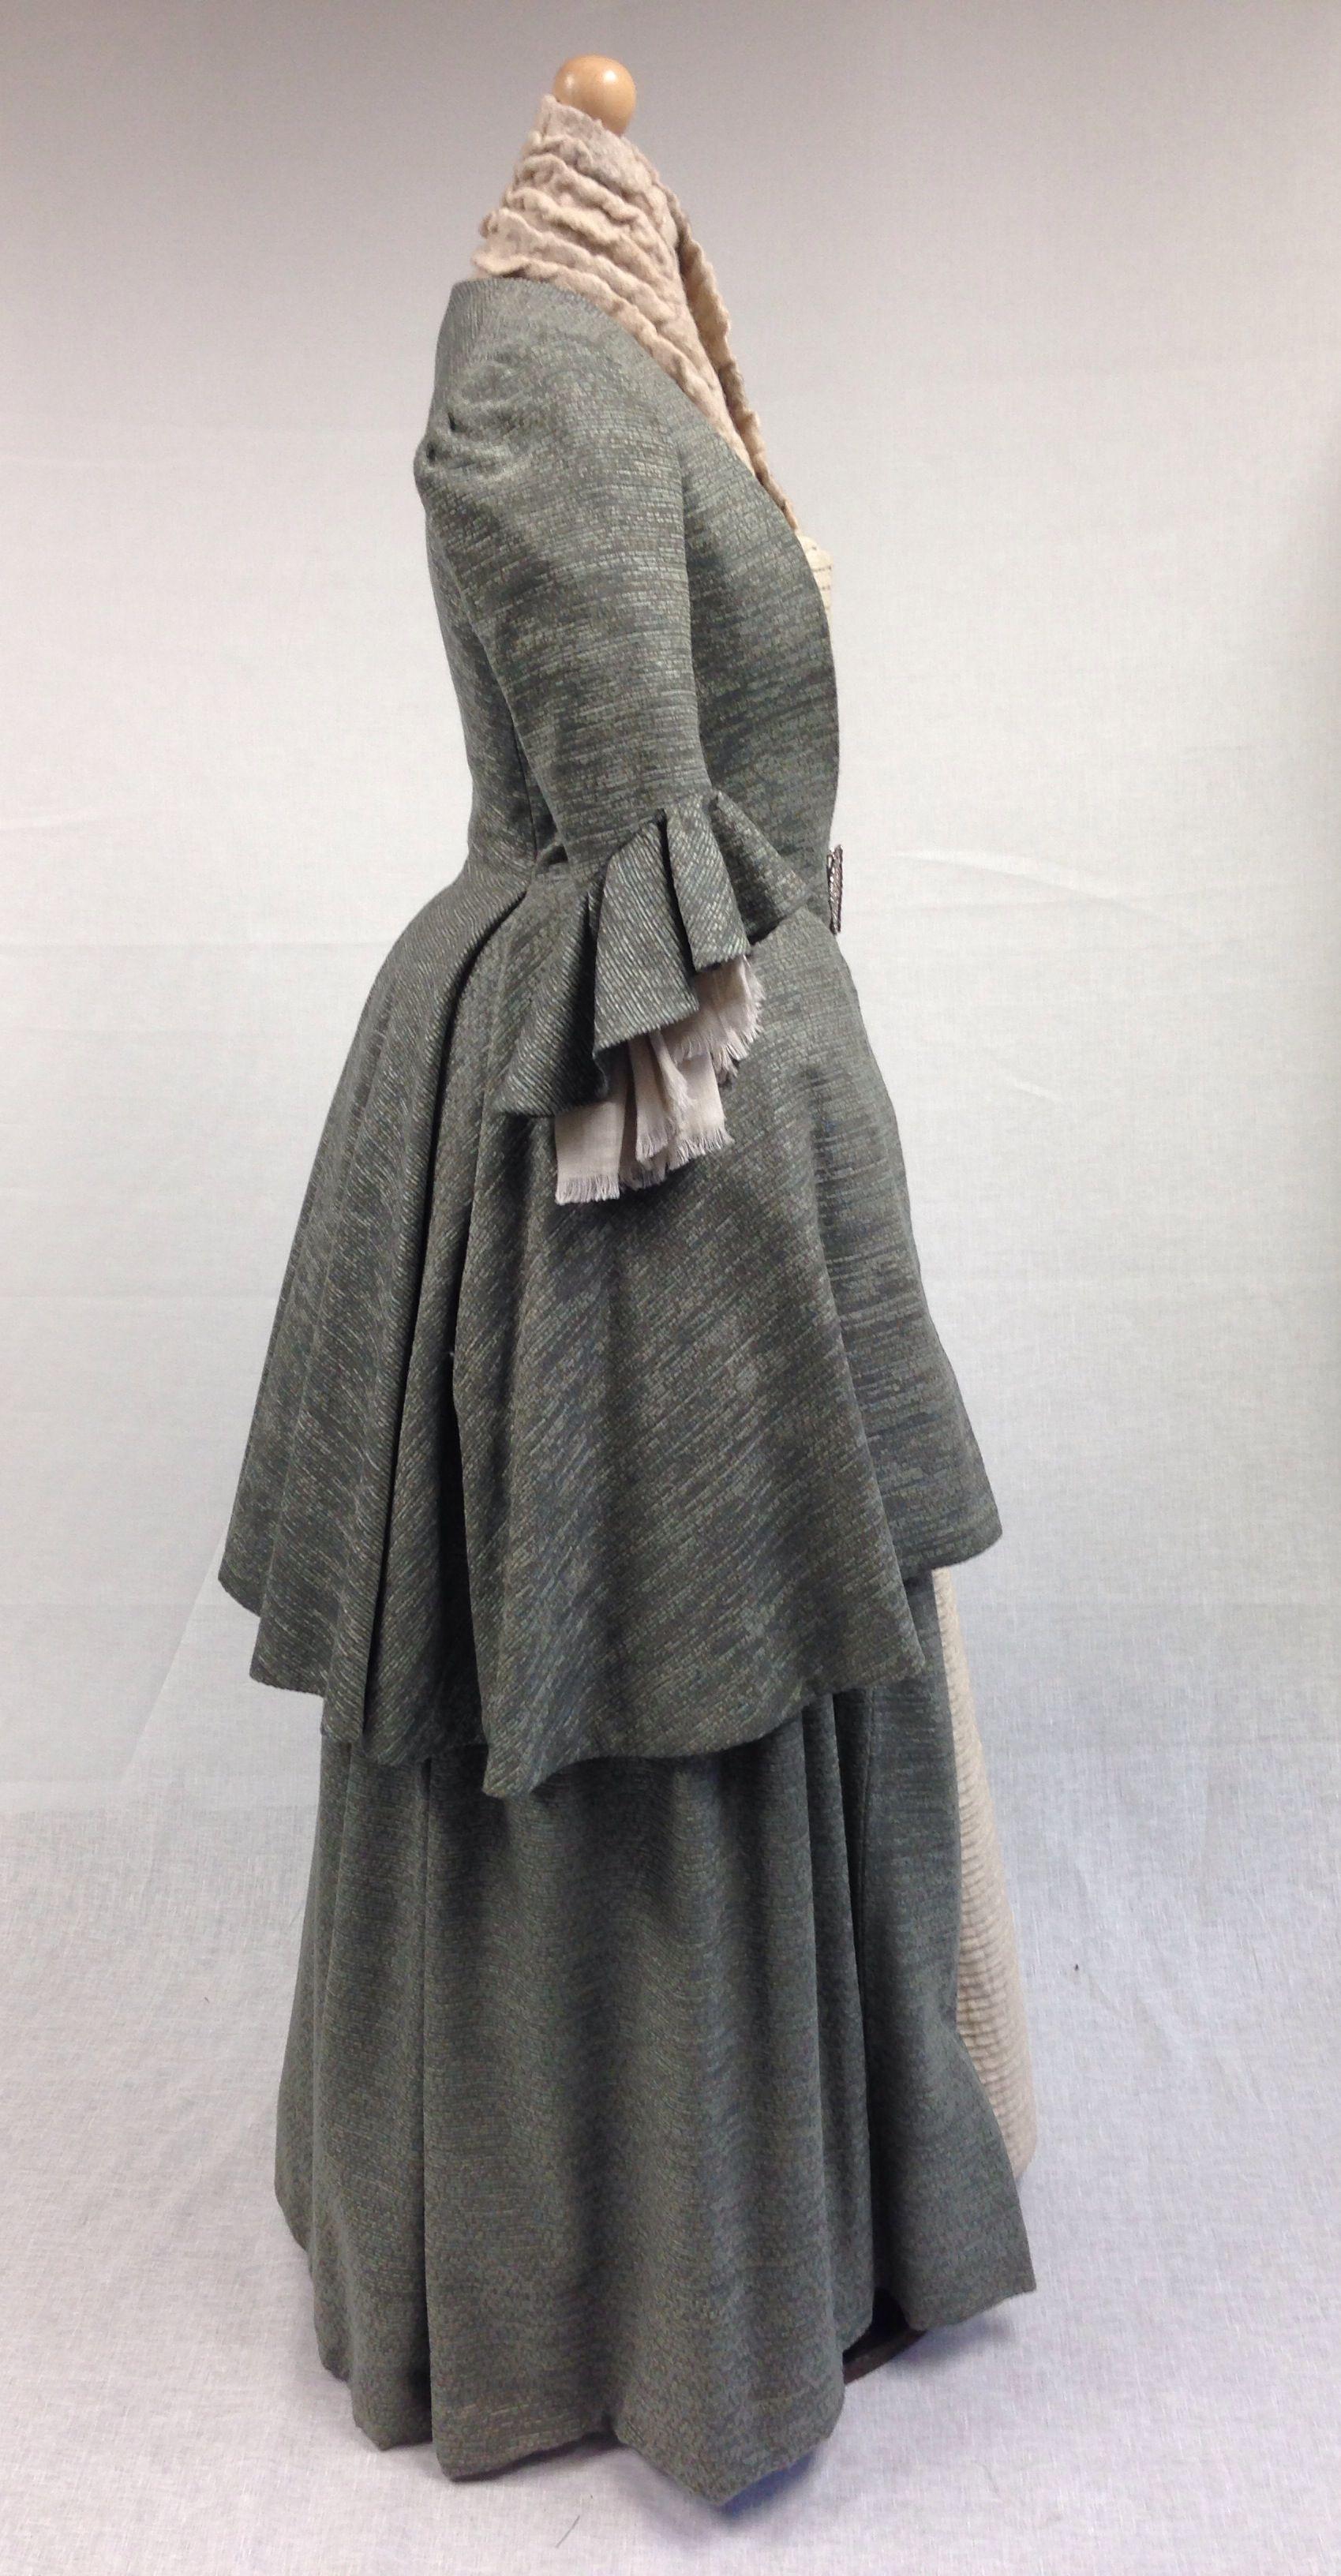 Geillis Duncan\'s Green Dress. | Costume designer TERRY DRESBACH ...